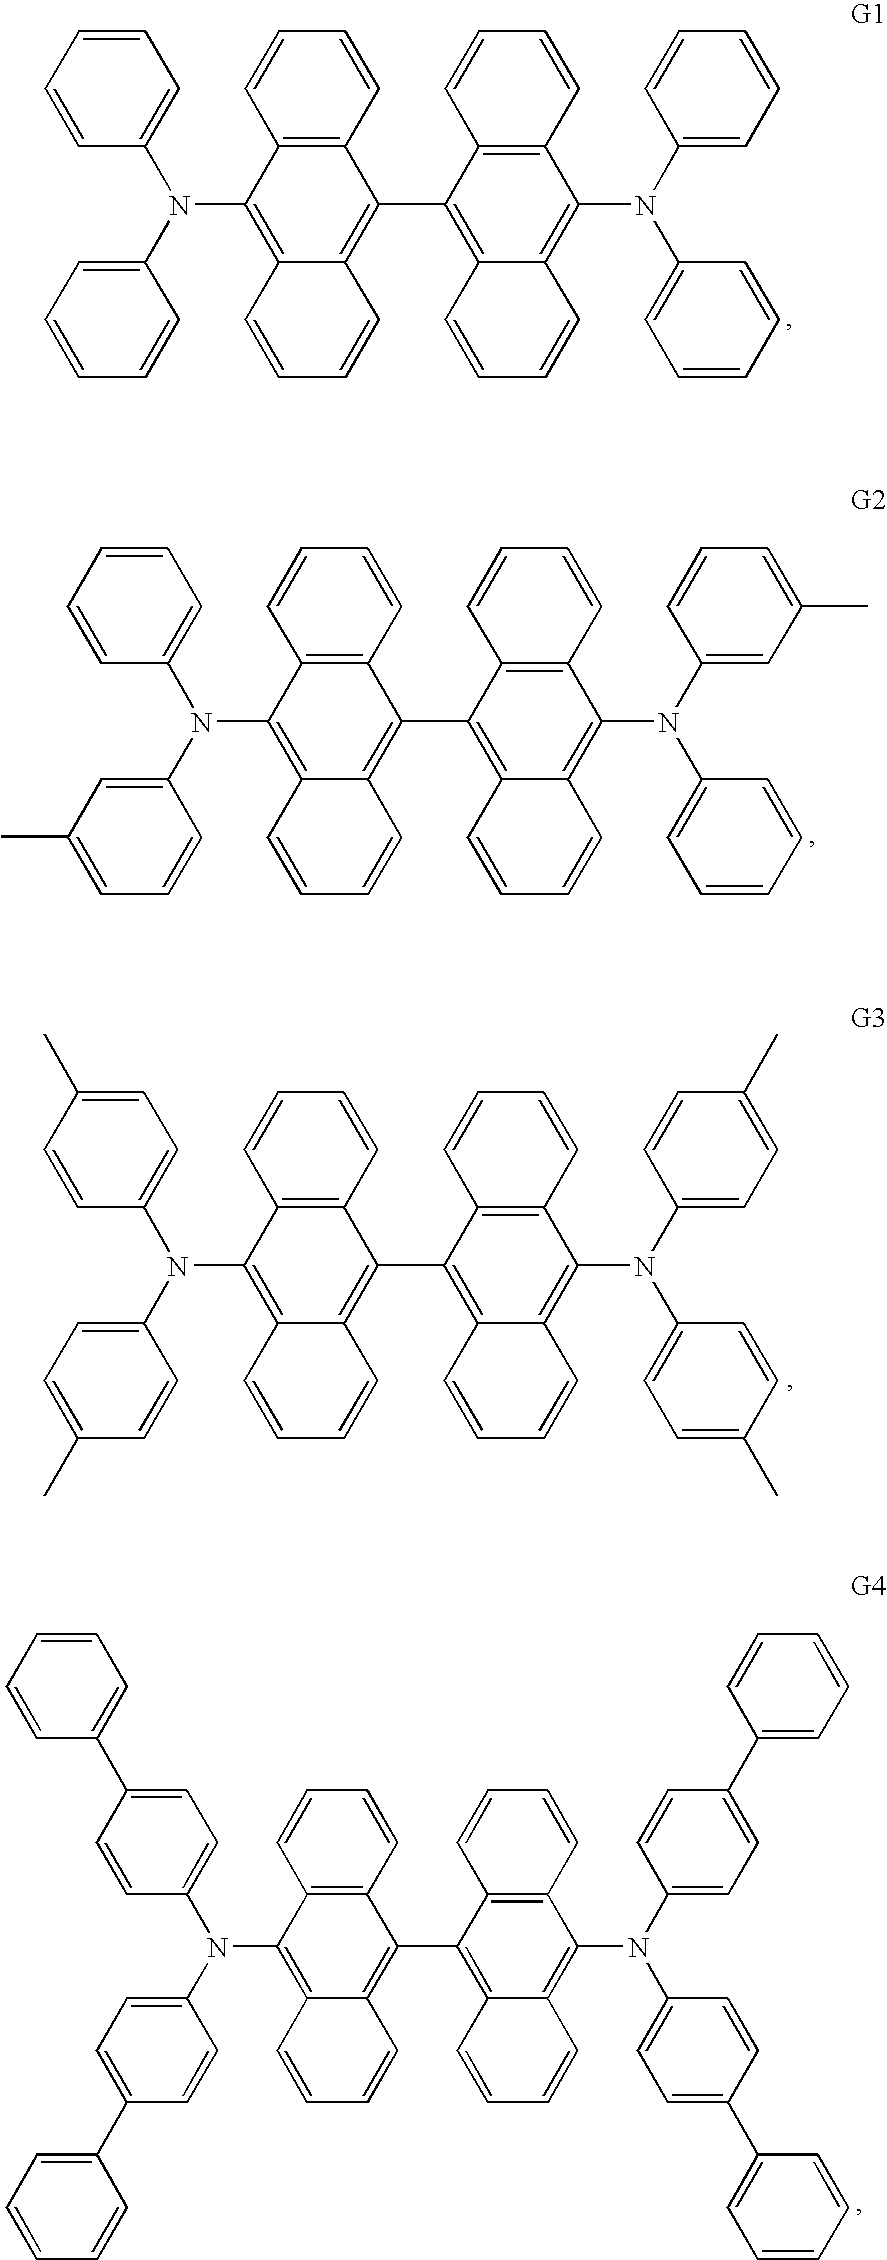 Figure US20070152568A1-20070705-C00016